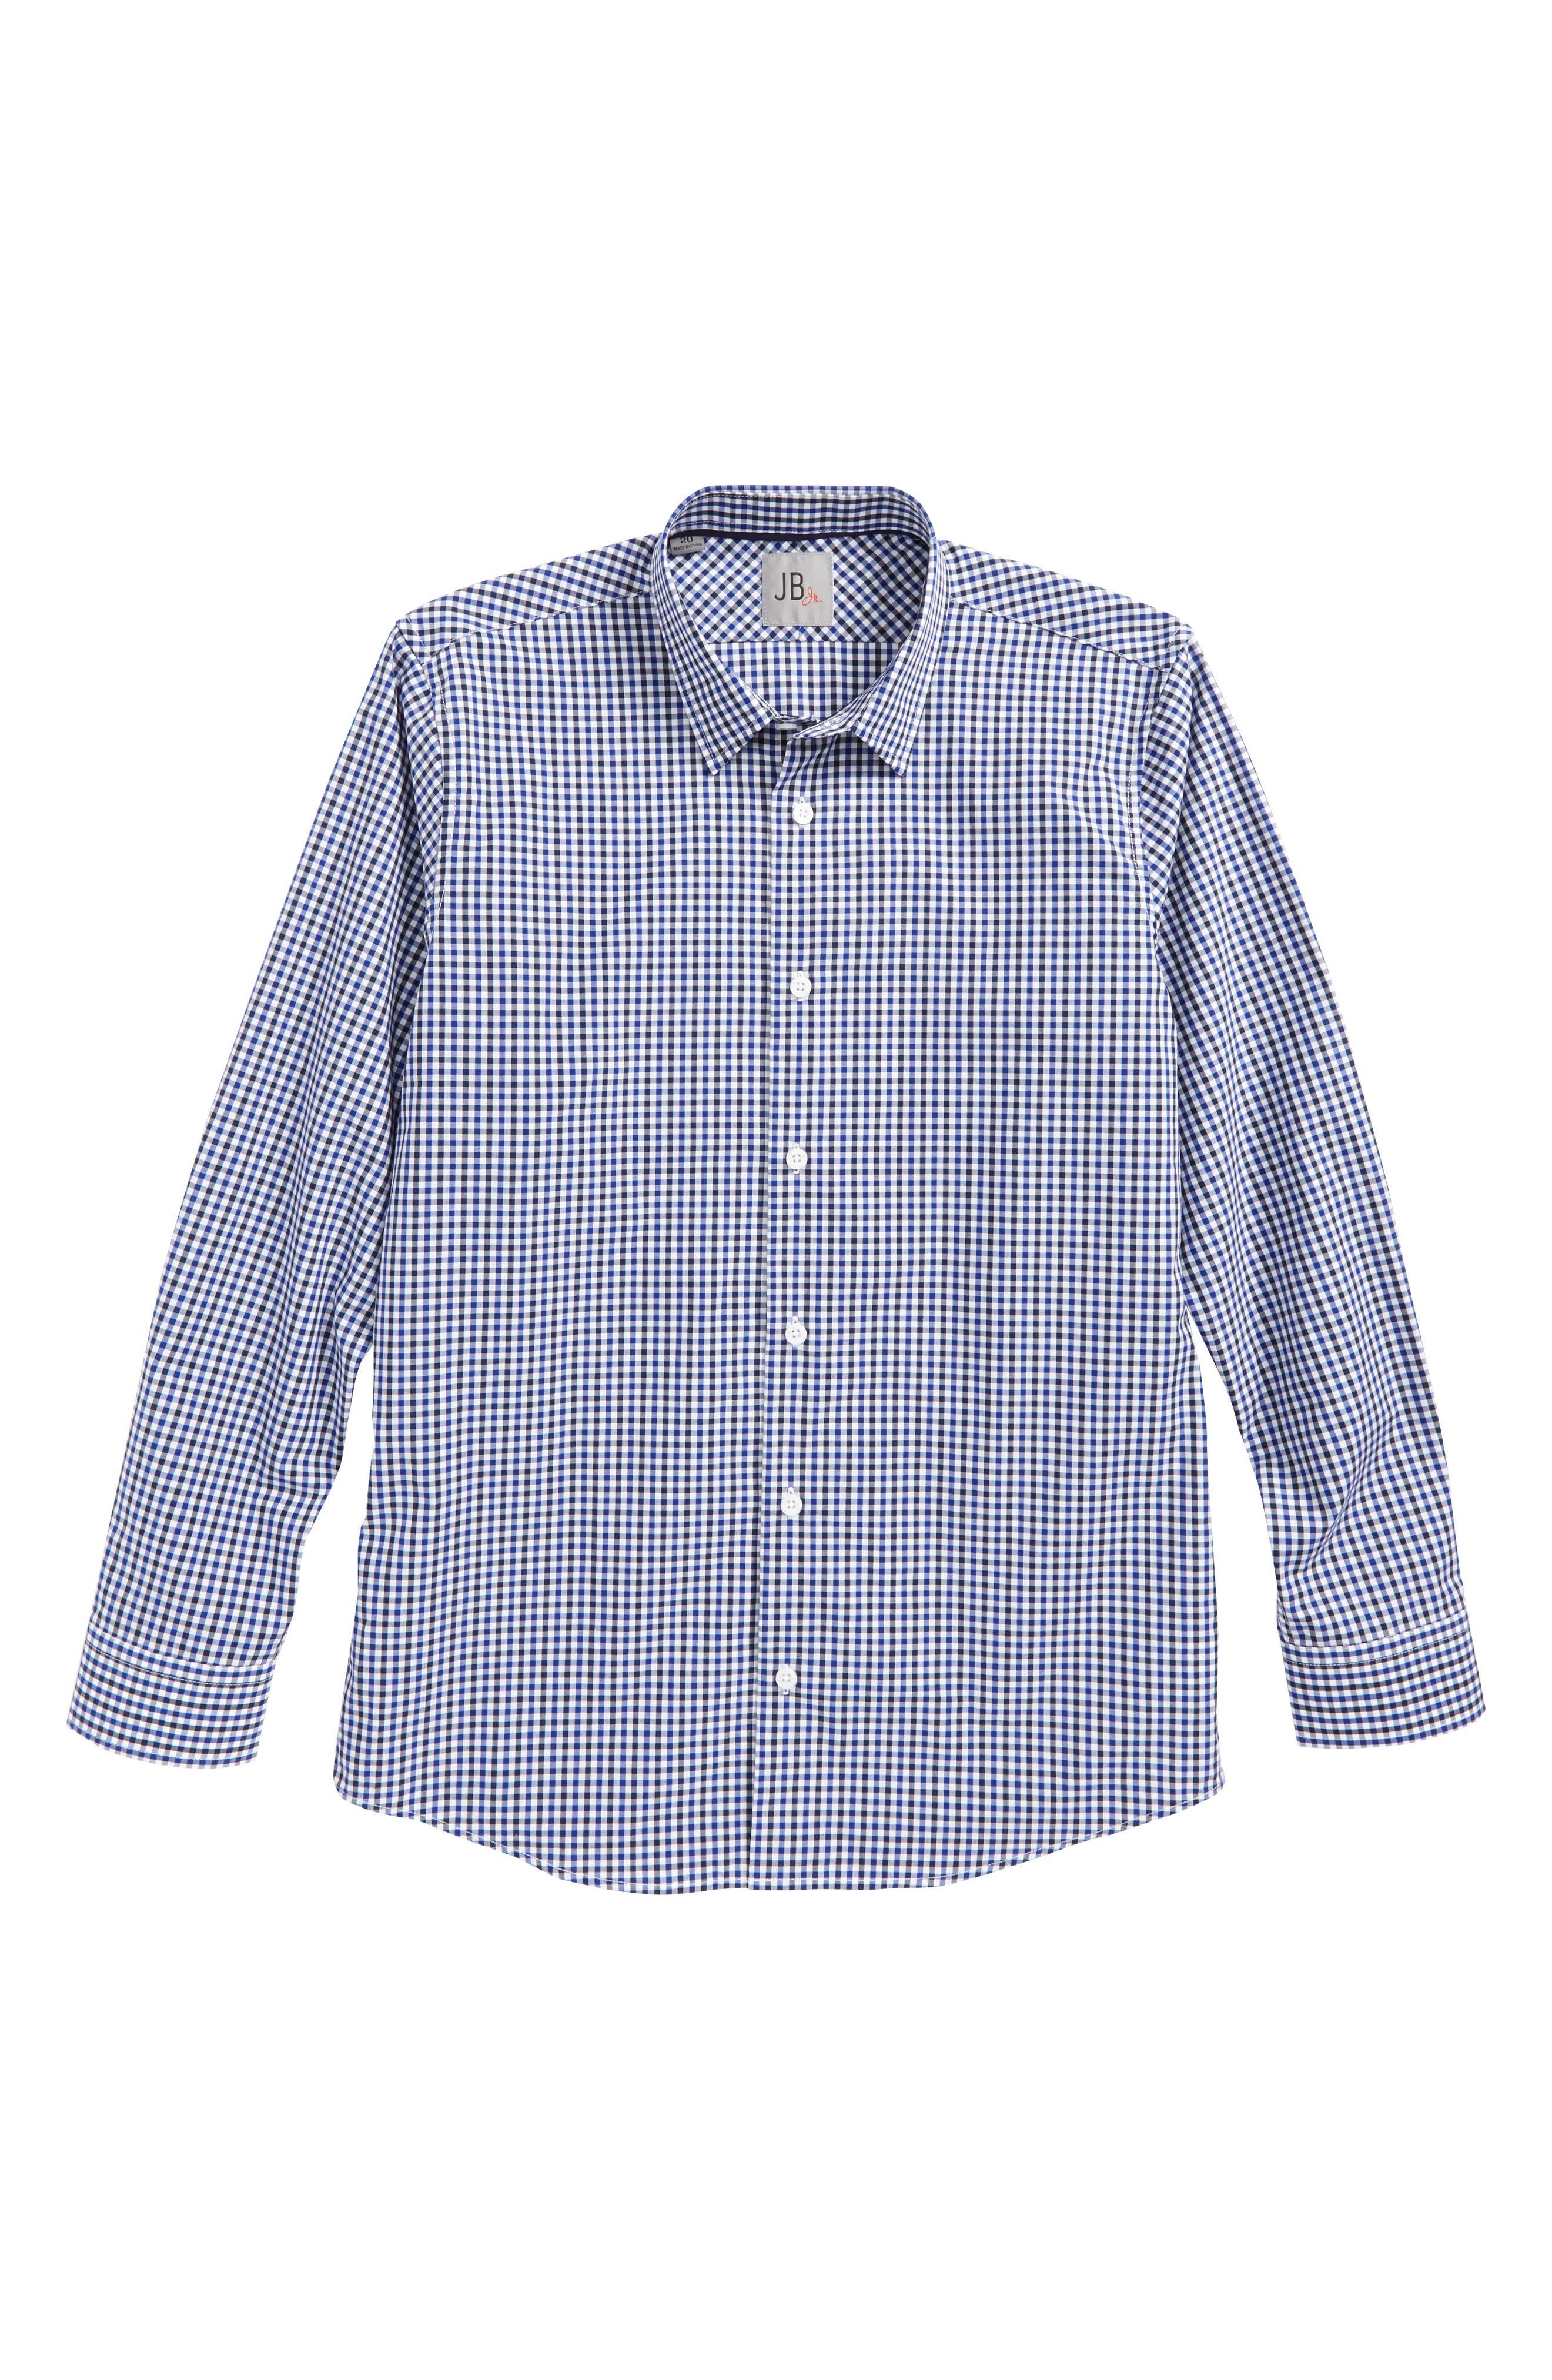 JB JR Neat Check Dress Shirt (Big Boys)